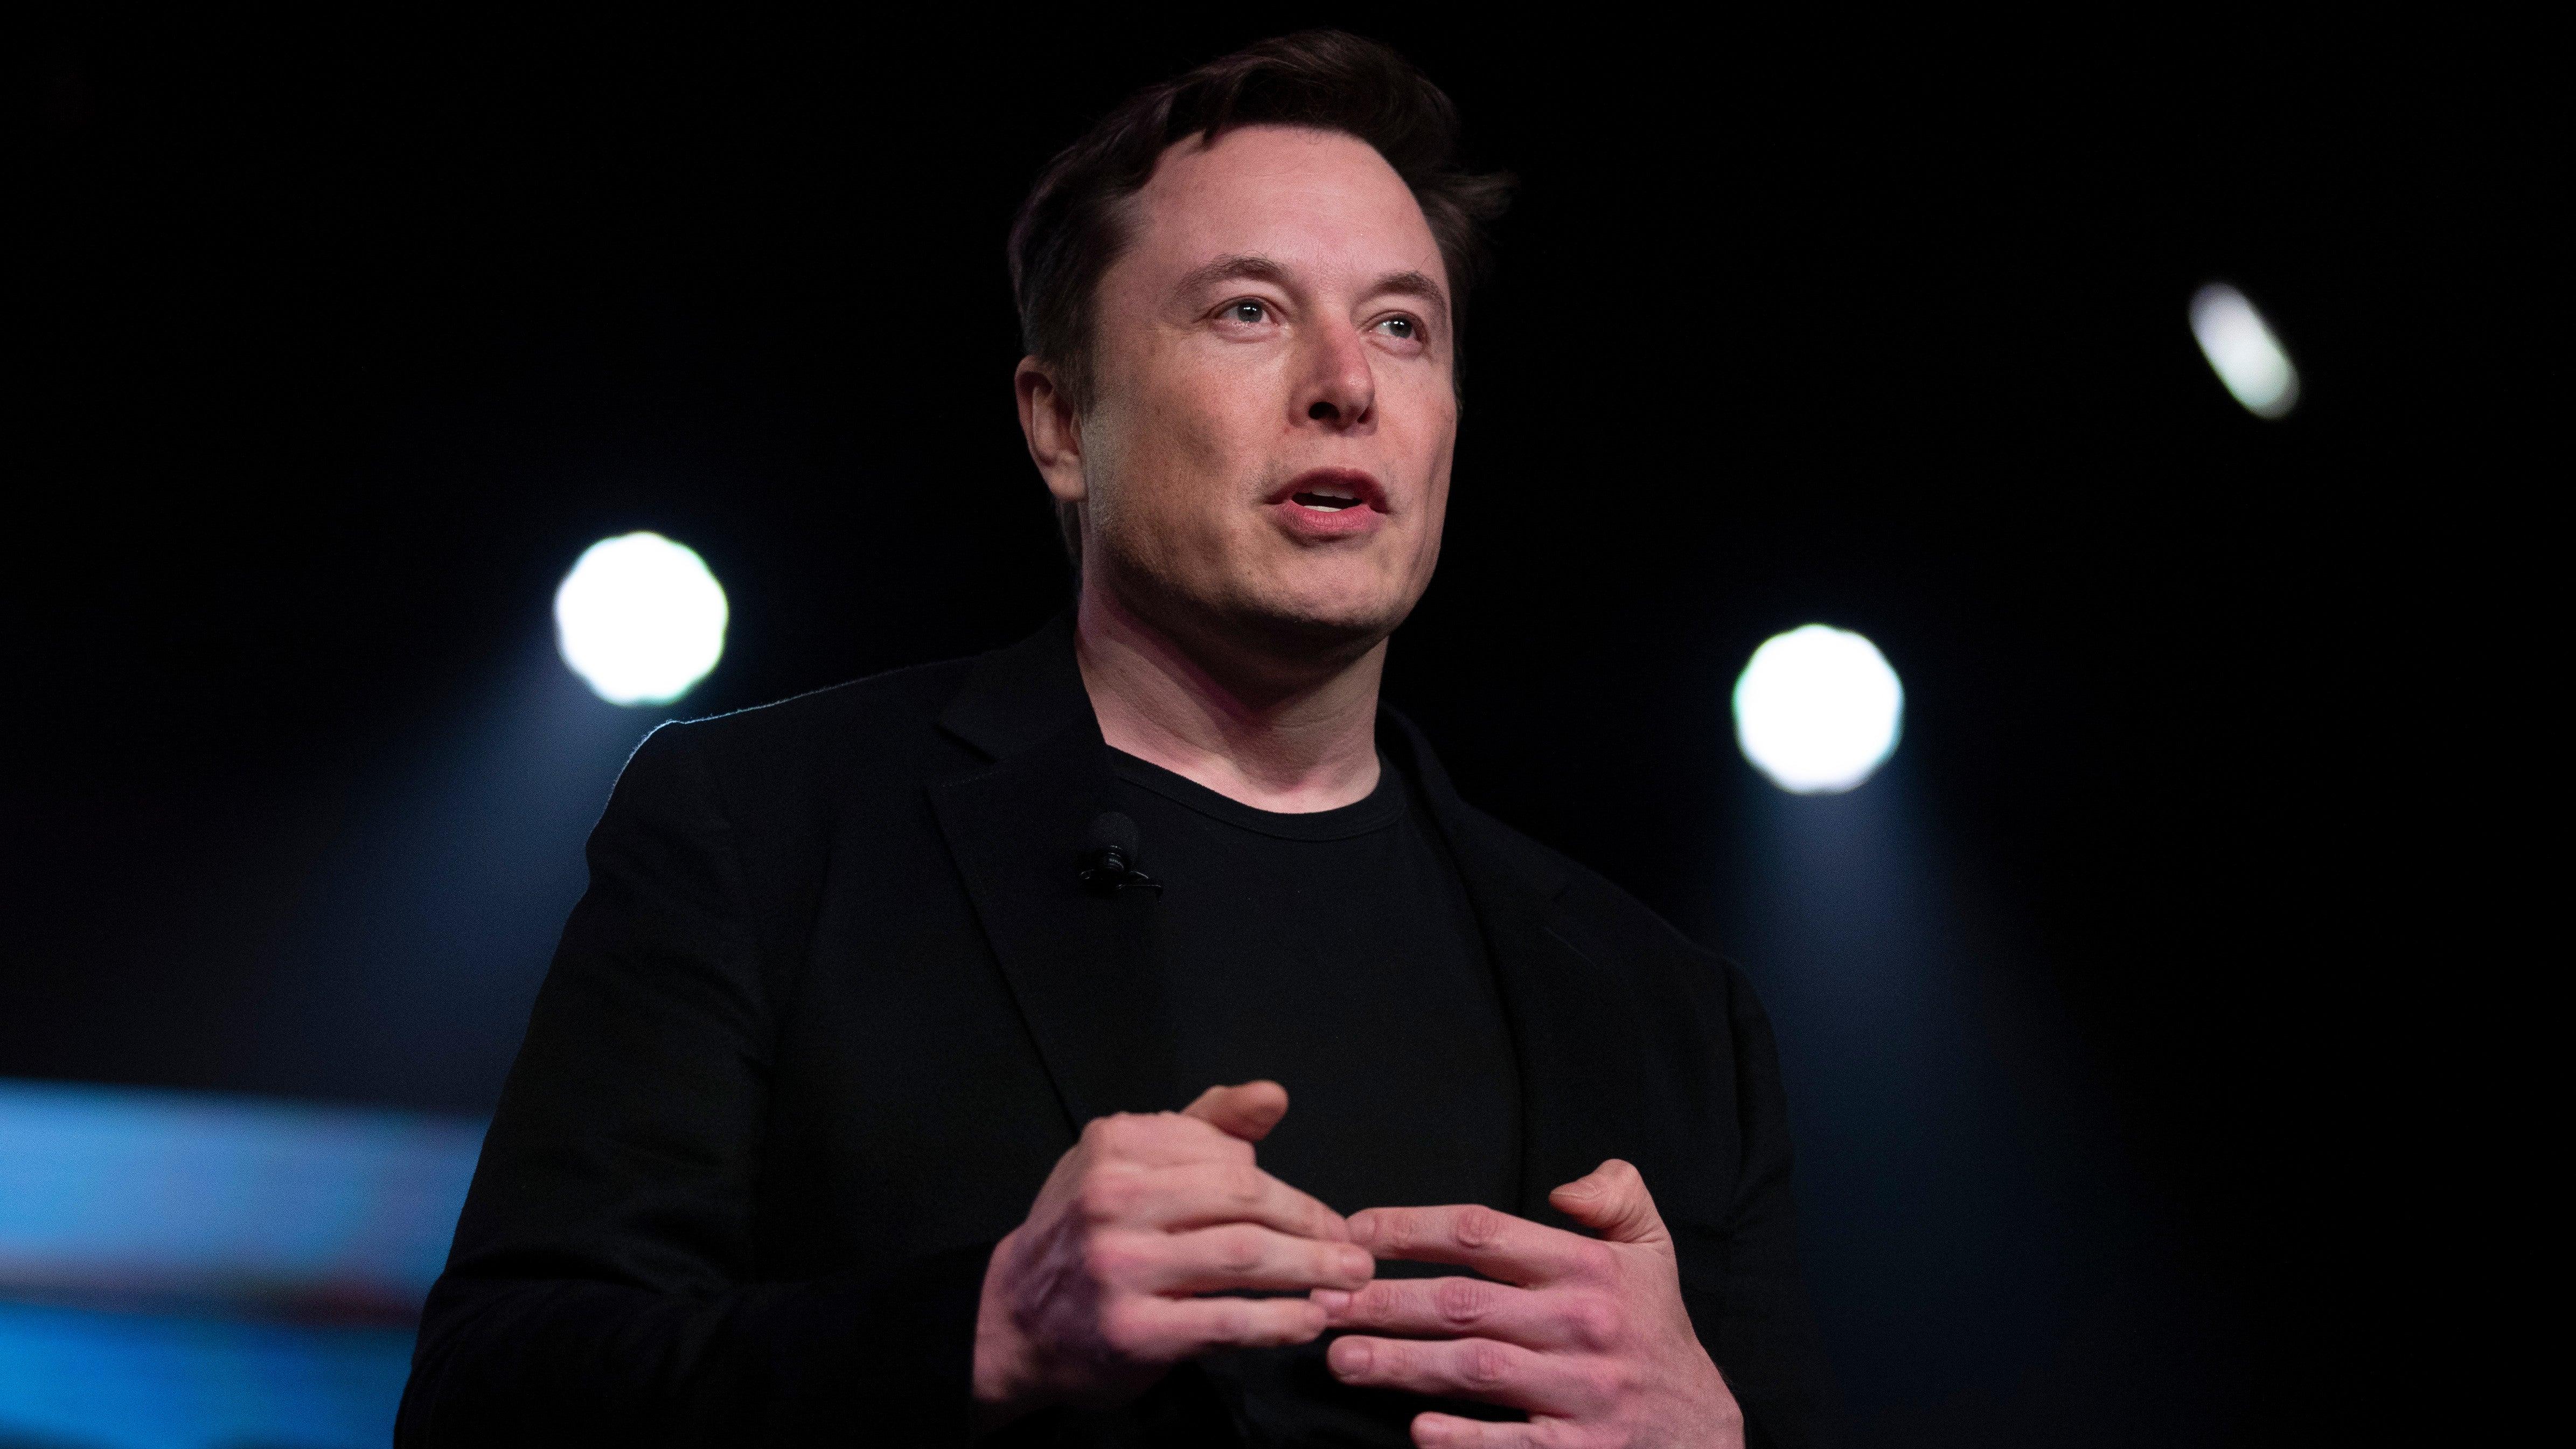 Elon Musk Is Going To Trial Over Bad 'Pedo Guy' Tweet